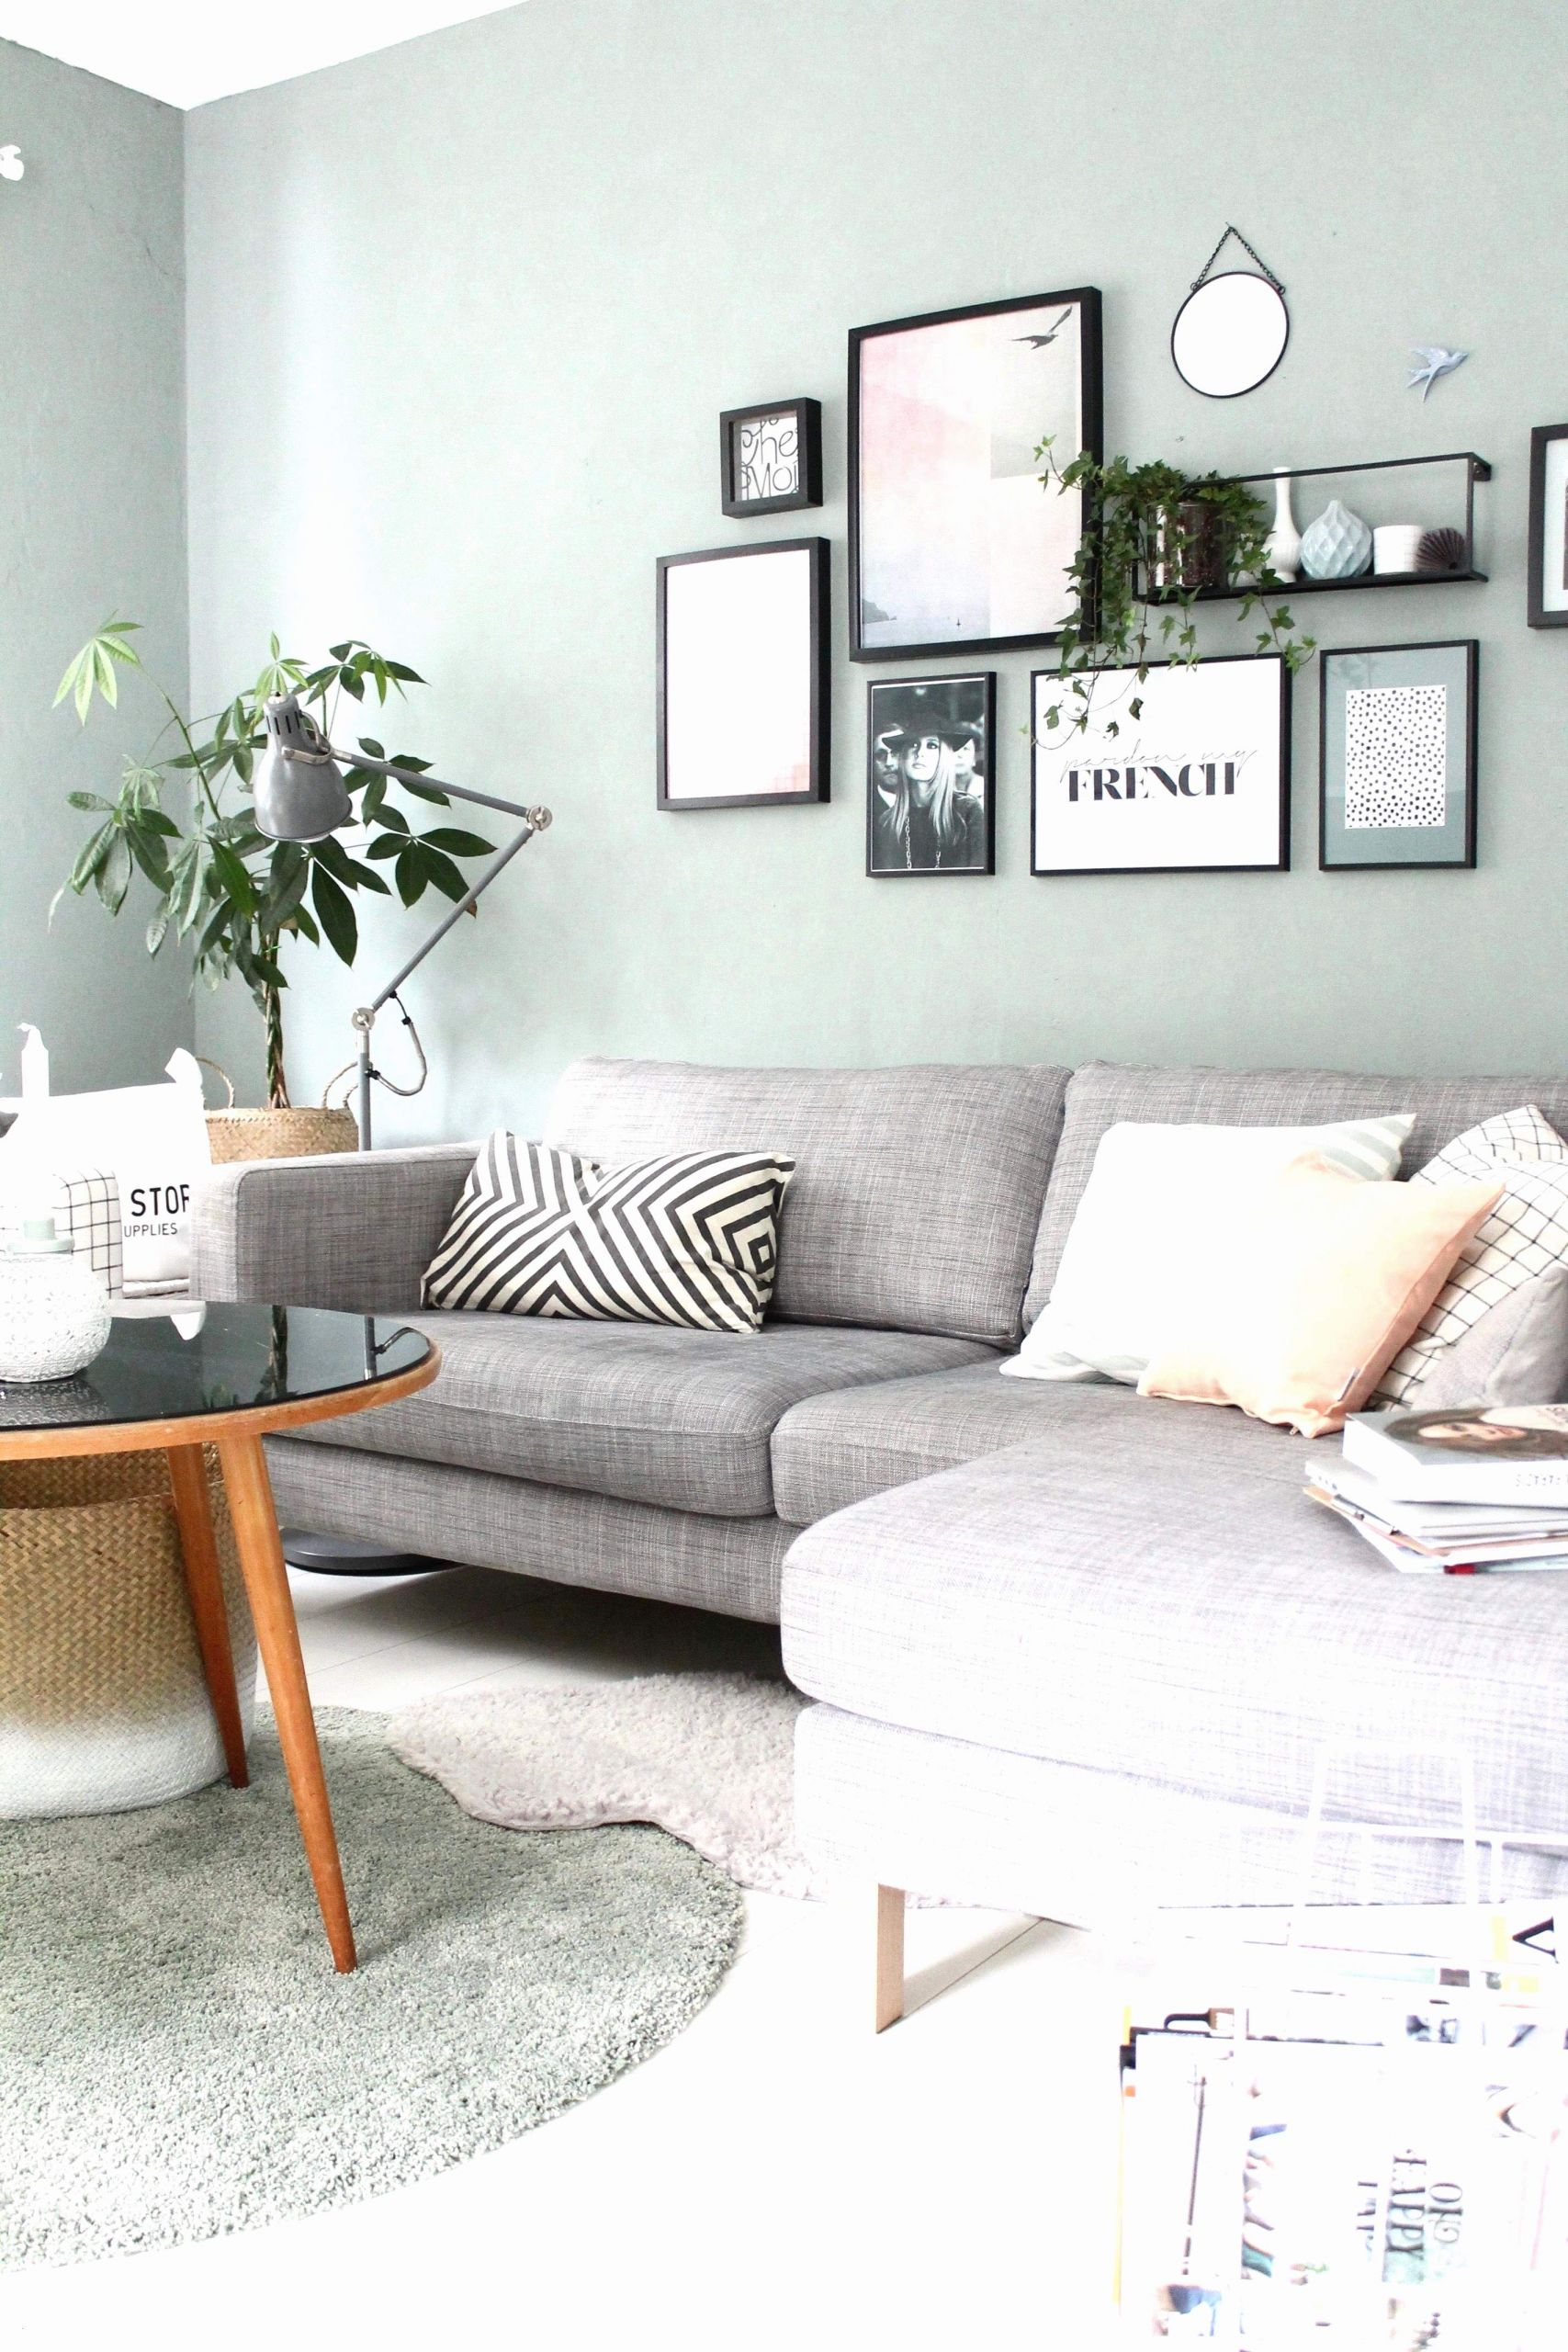 wohnzimmer deko selber machen schon 36 elegant wohnzimmer regale design of wohnzimmer deko selber machen scaled